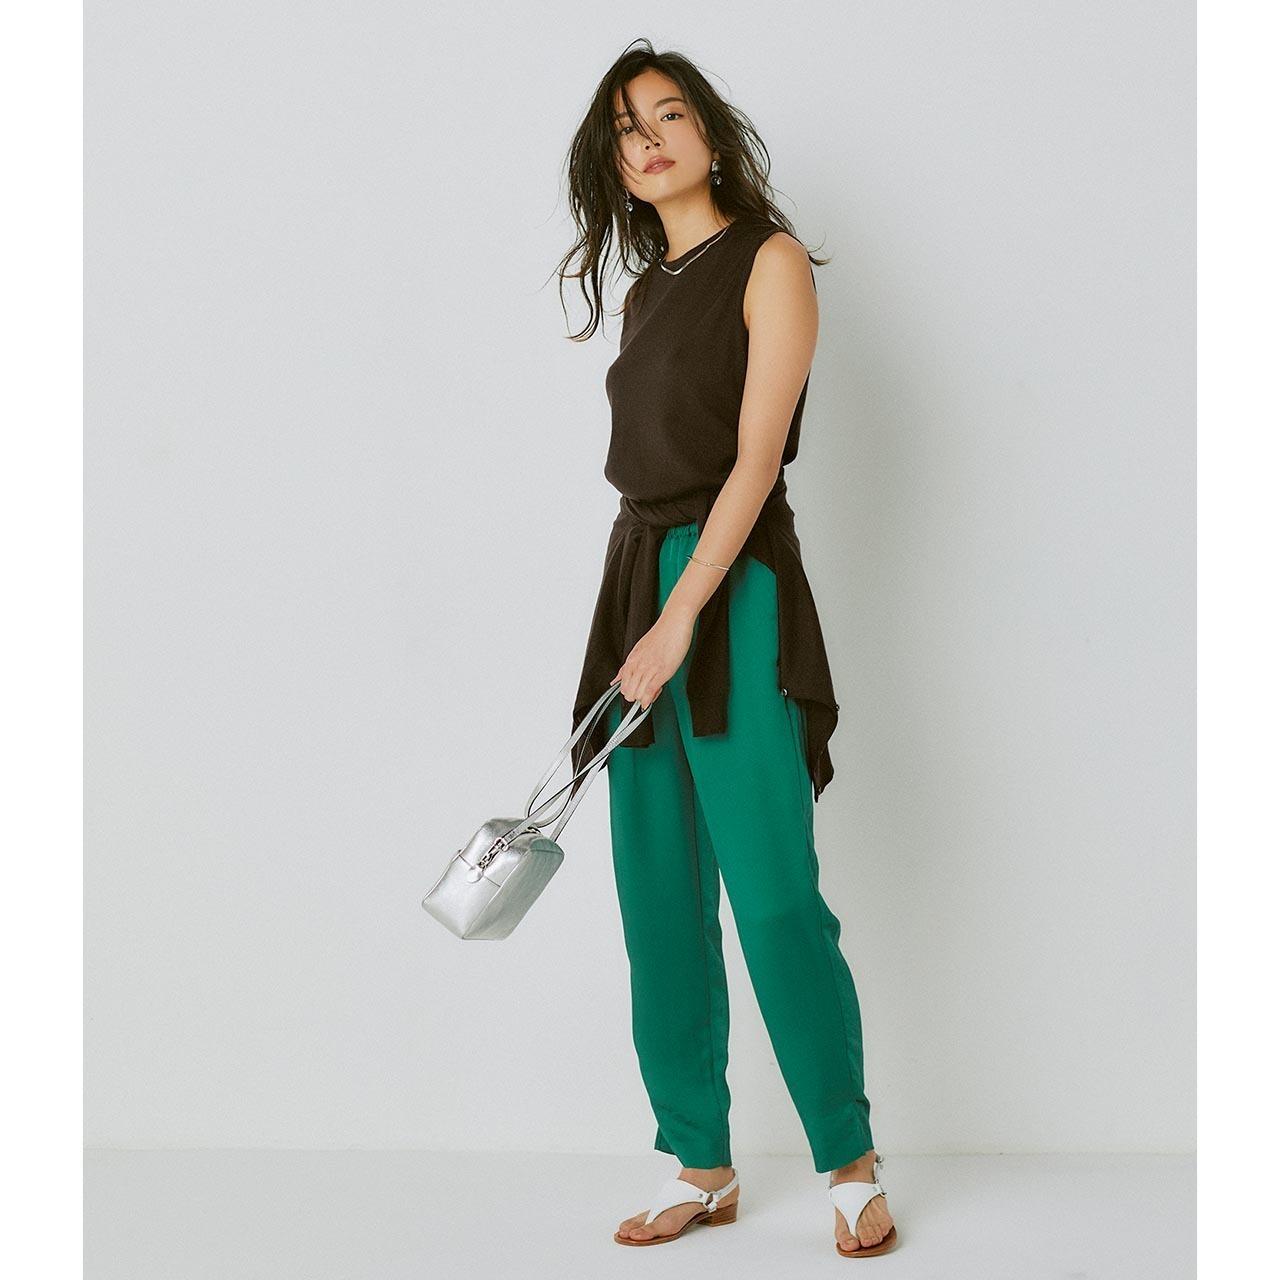 ブラウンニット×グリーンのパンツコーデを着たモデルの矢野未希子さん